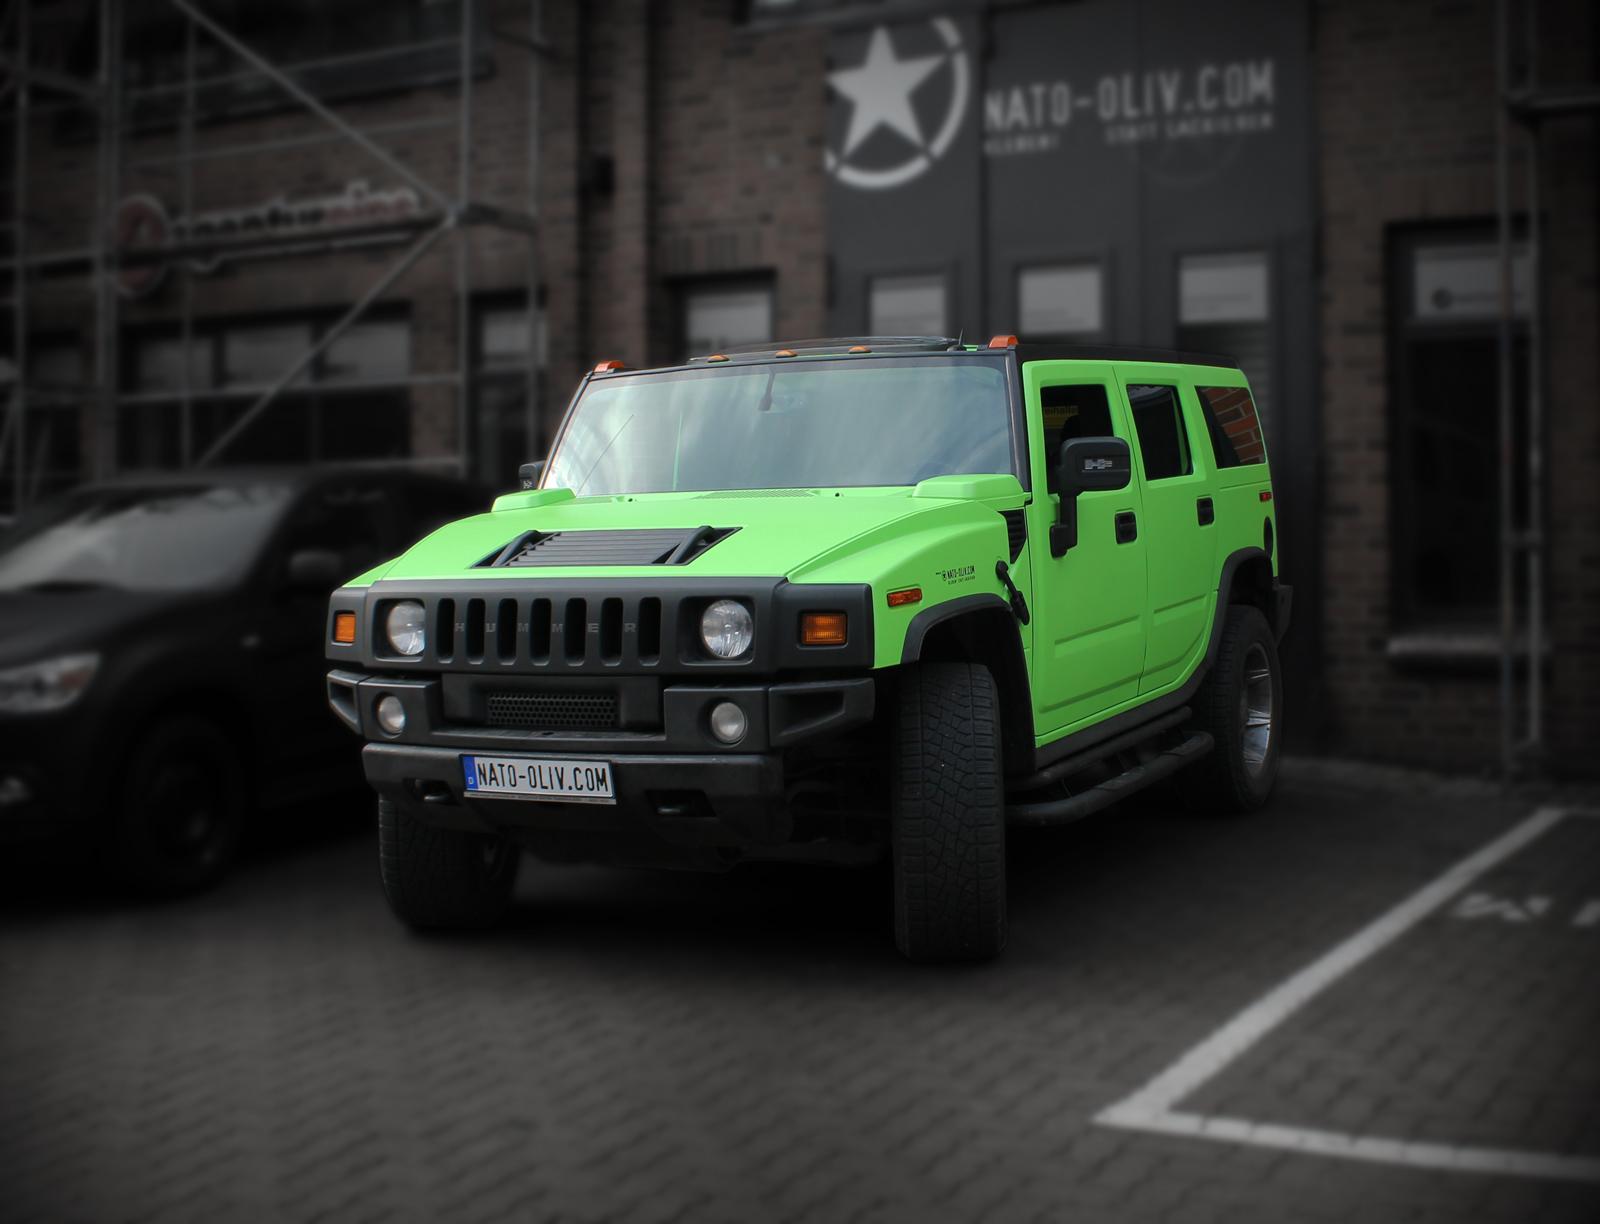 Ein mit grüner Folie beklebter Hummer H2, der Vor dem Tor von Nato-Oliv steht